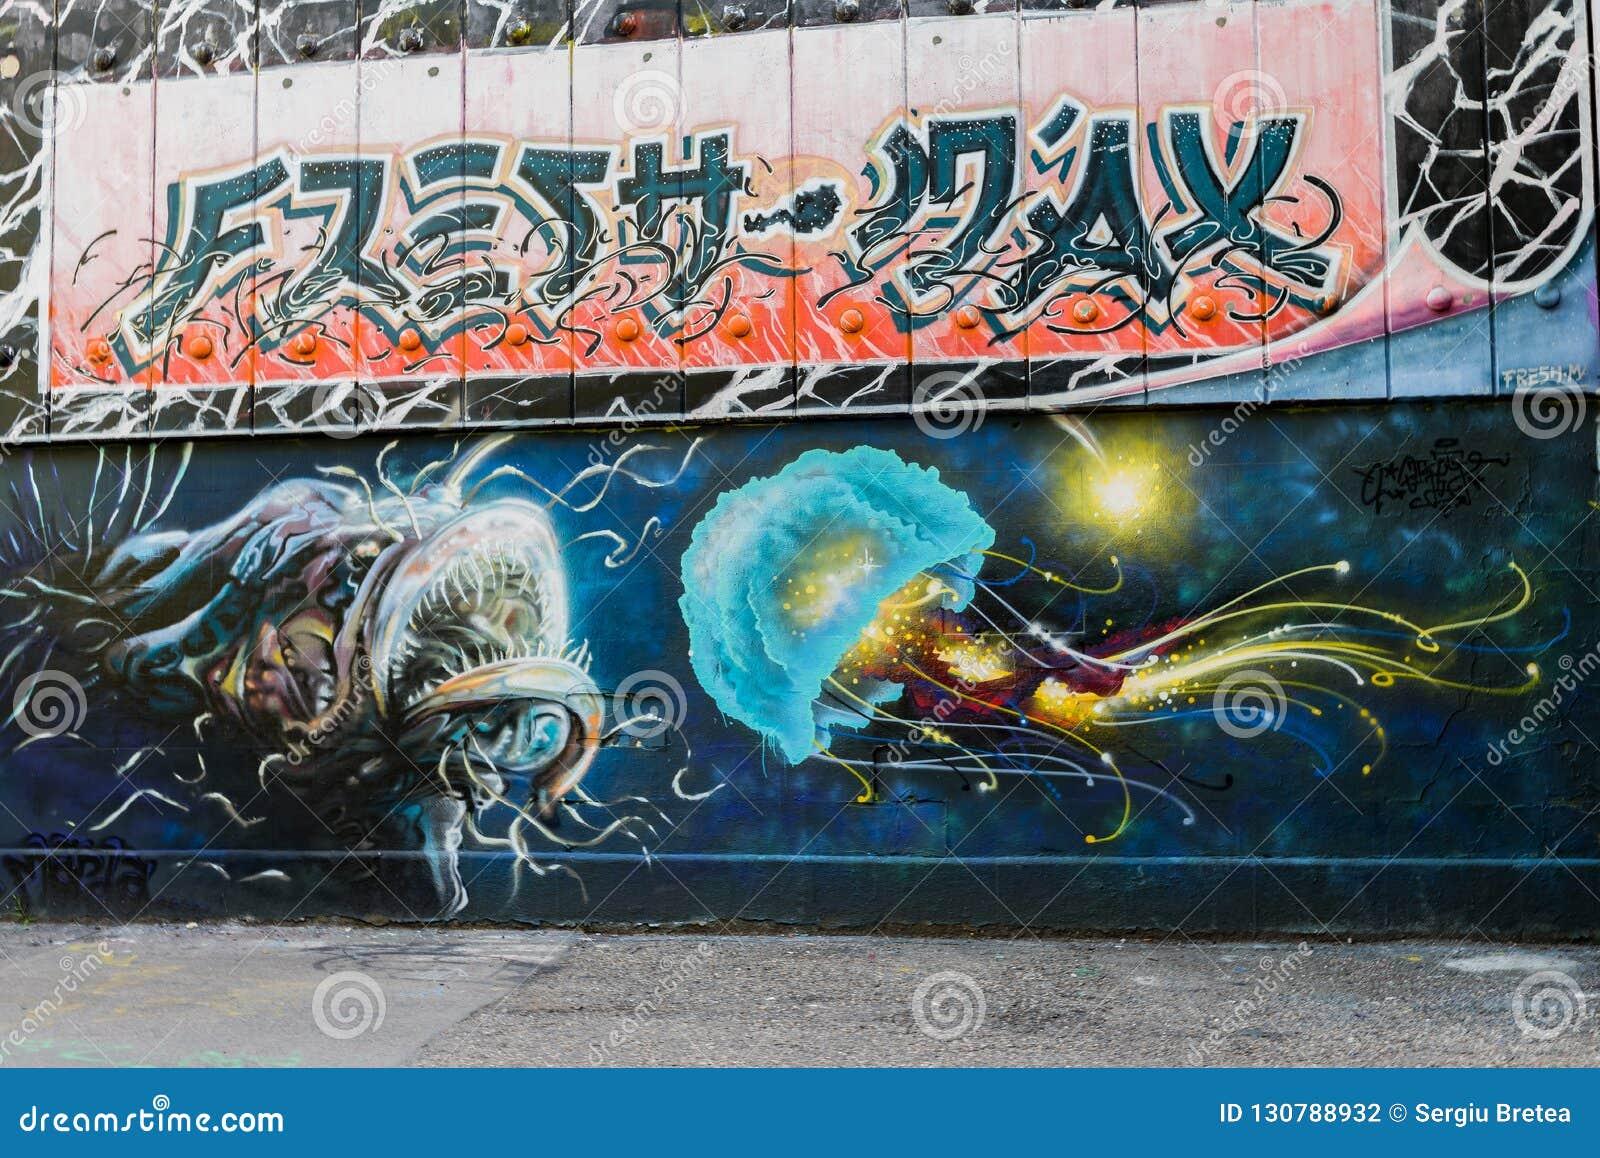 Audacieuse Urban Street Interesting Graffiti Art Editorial Photography JZ-46